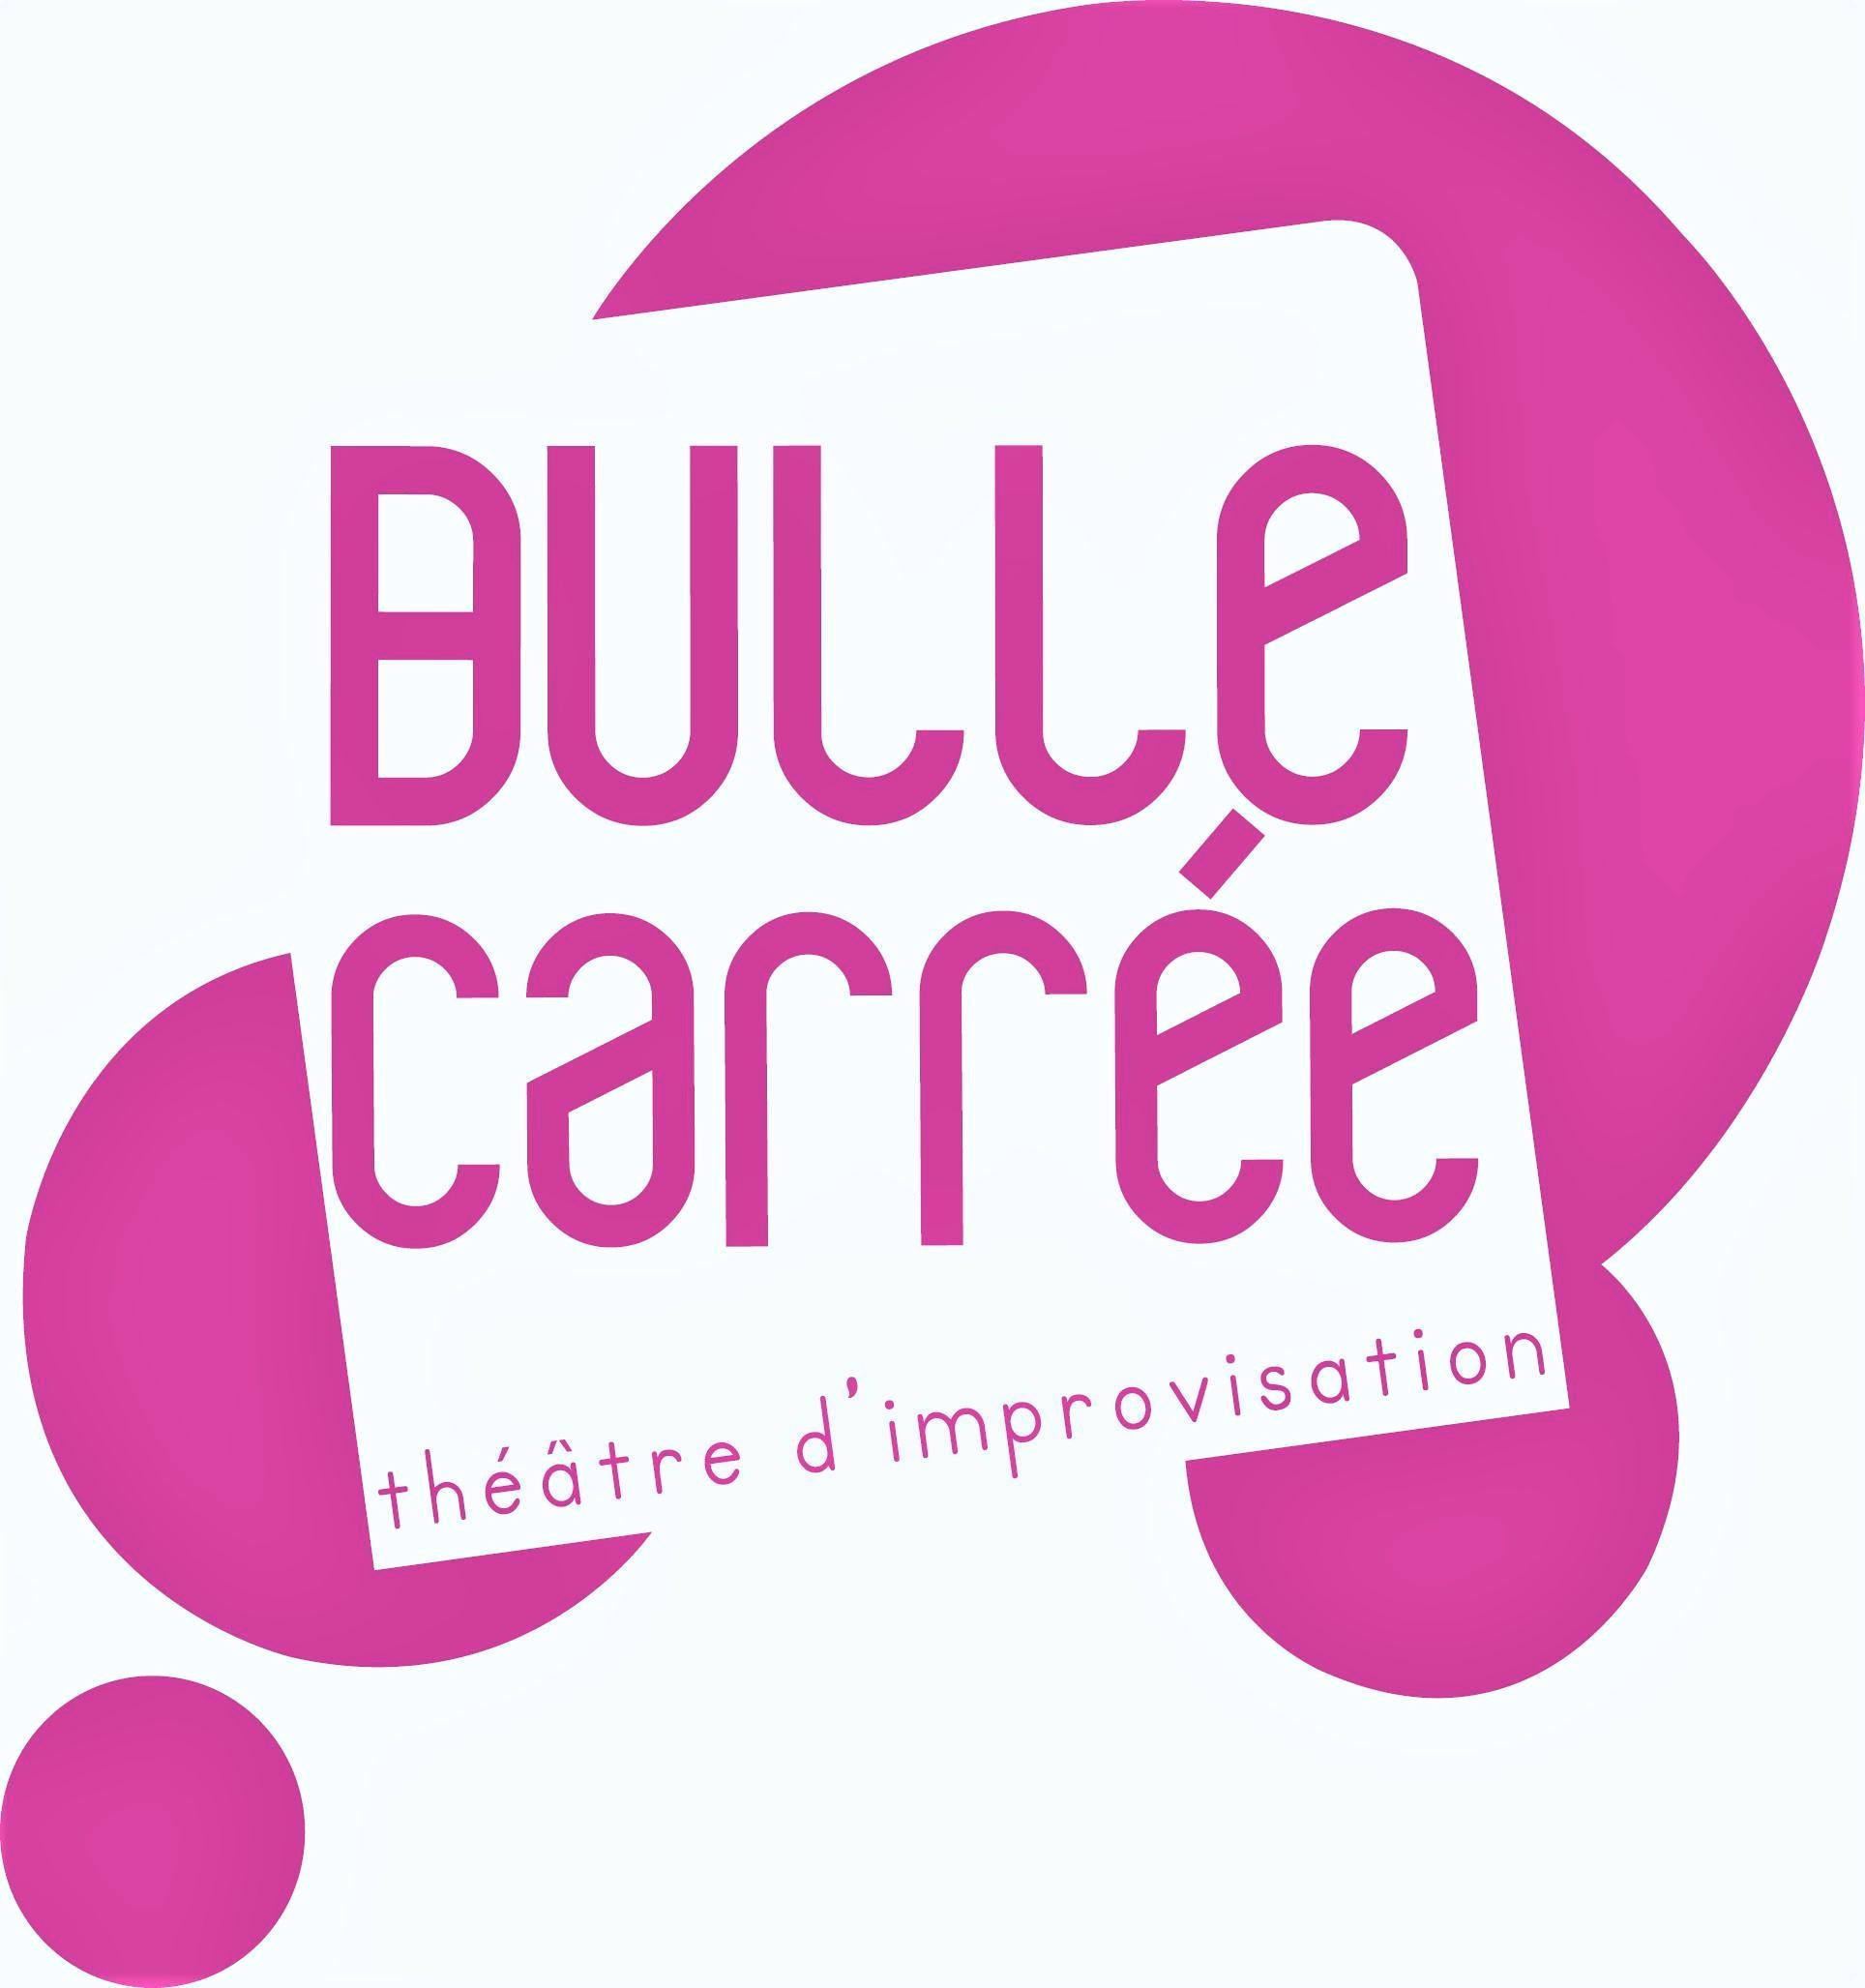 BULLE CARRE